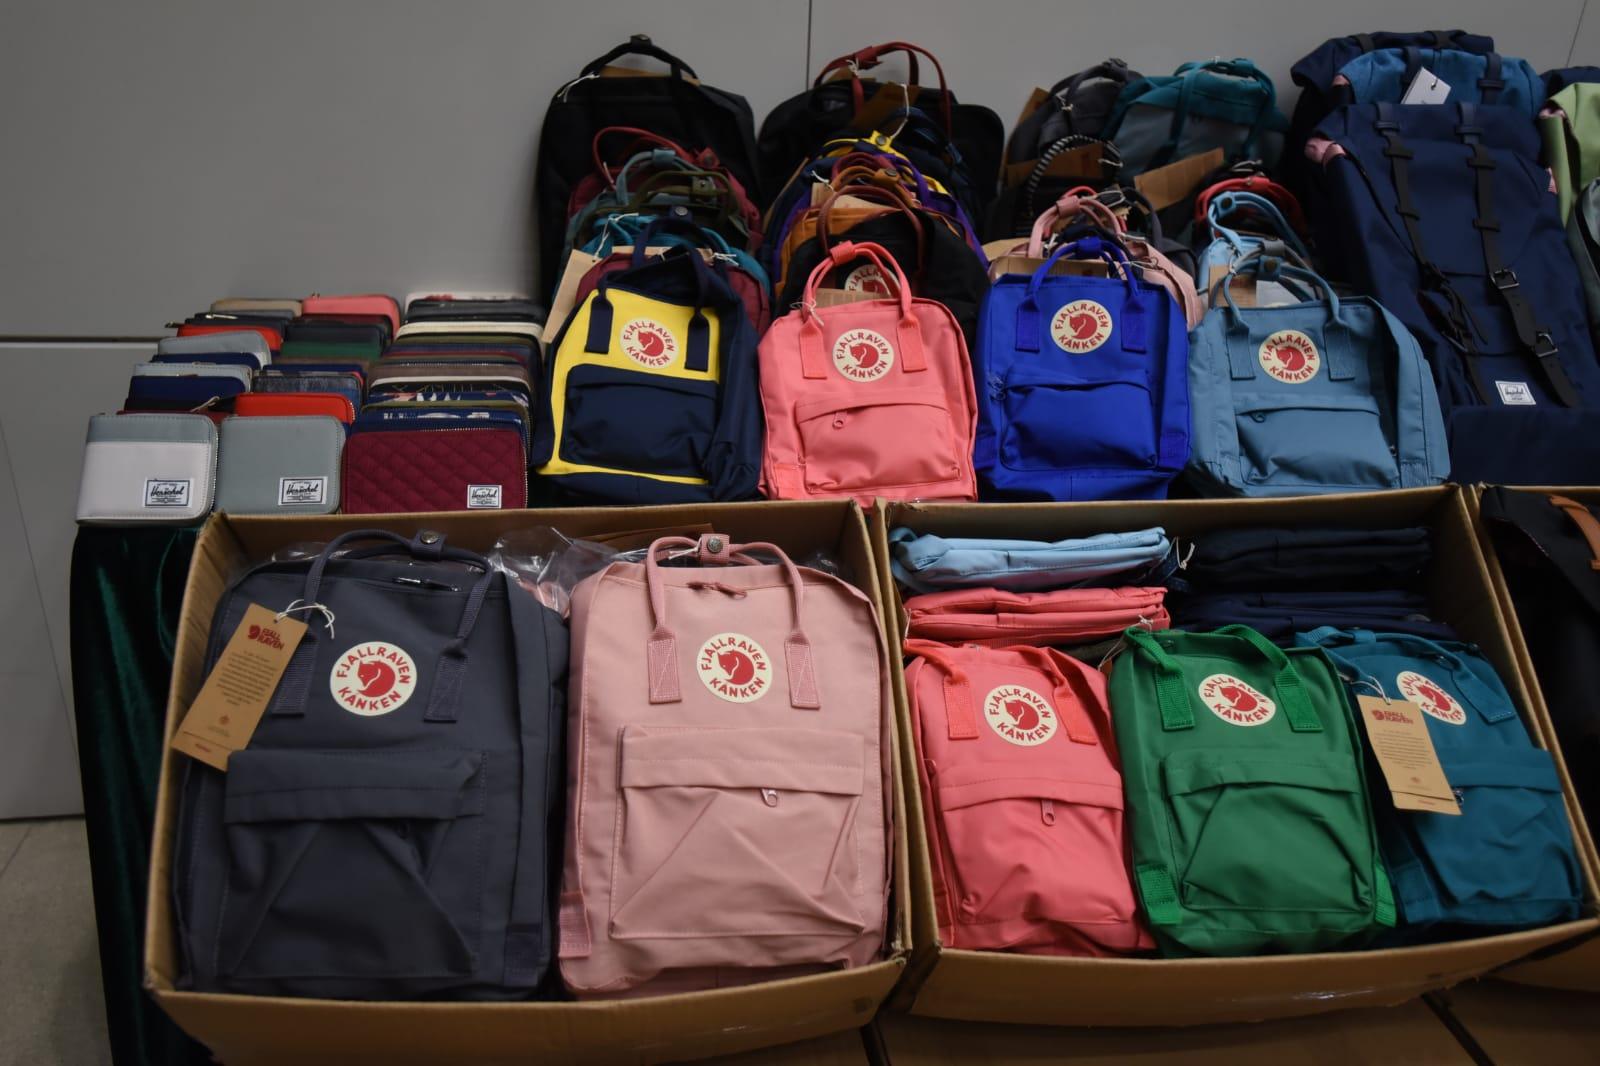 檢獲的懷疑冒牌貨品,包括背囊、袋及銀包。